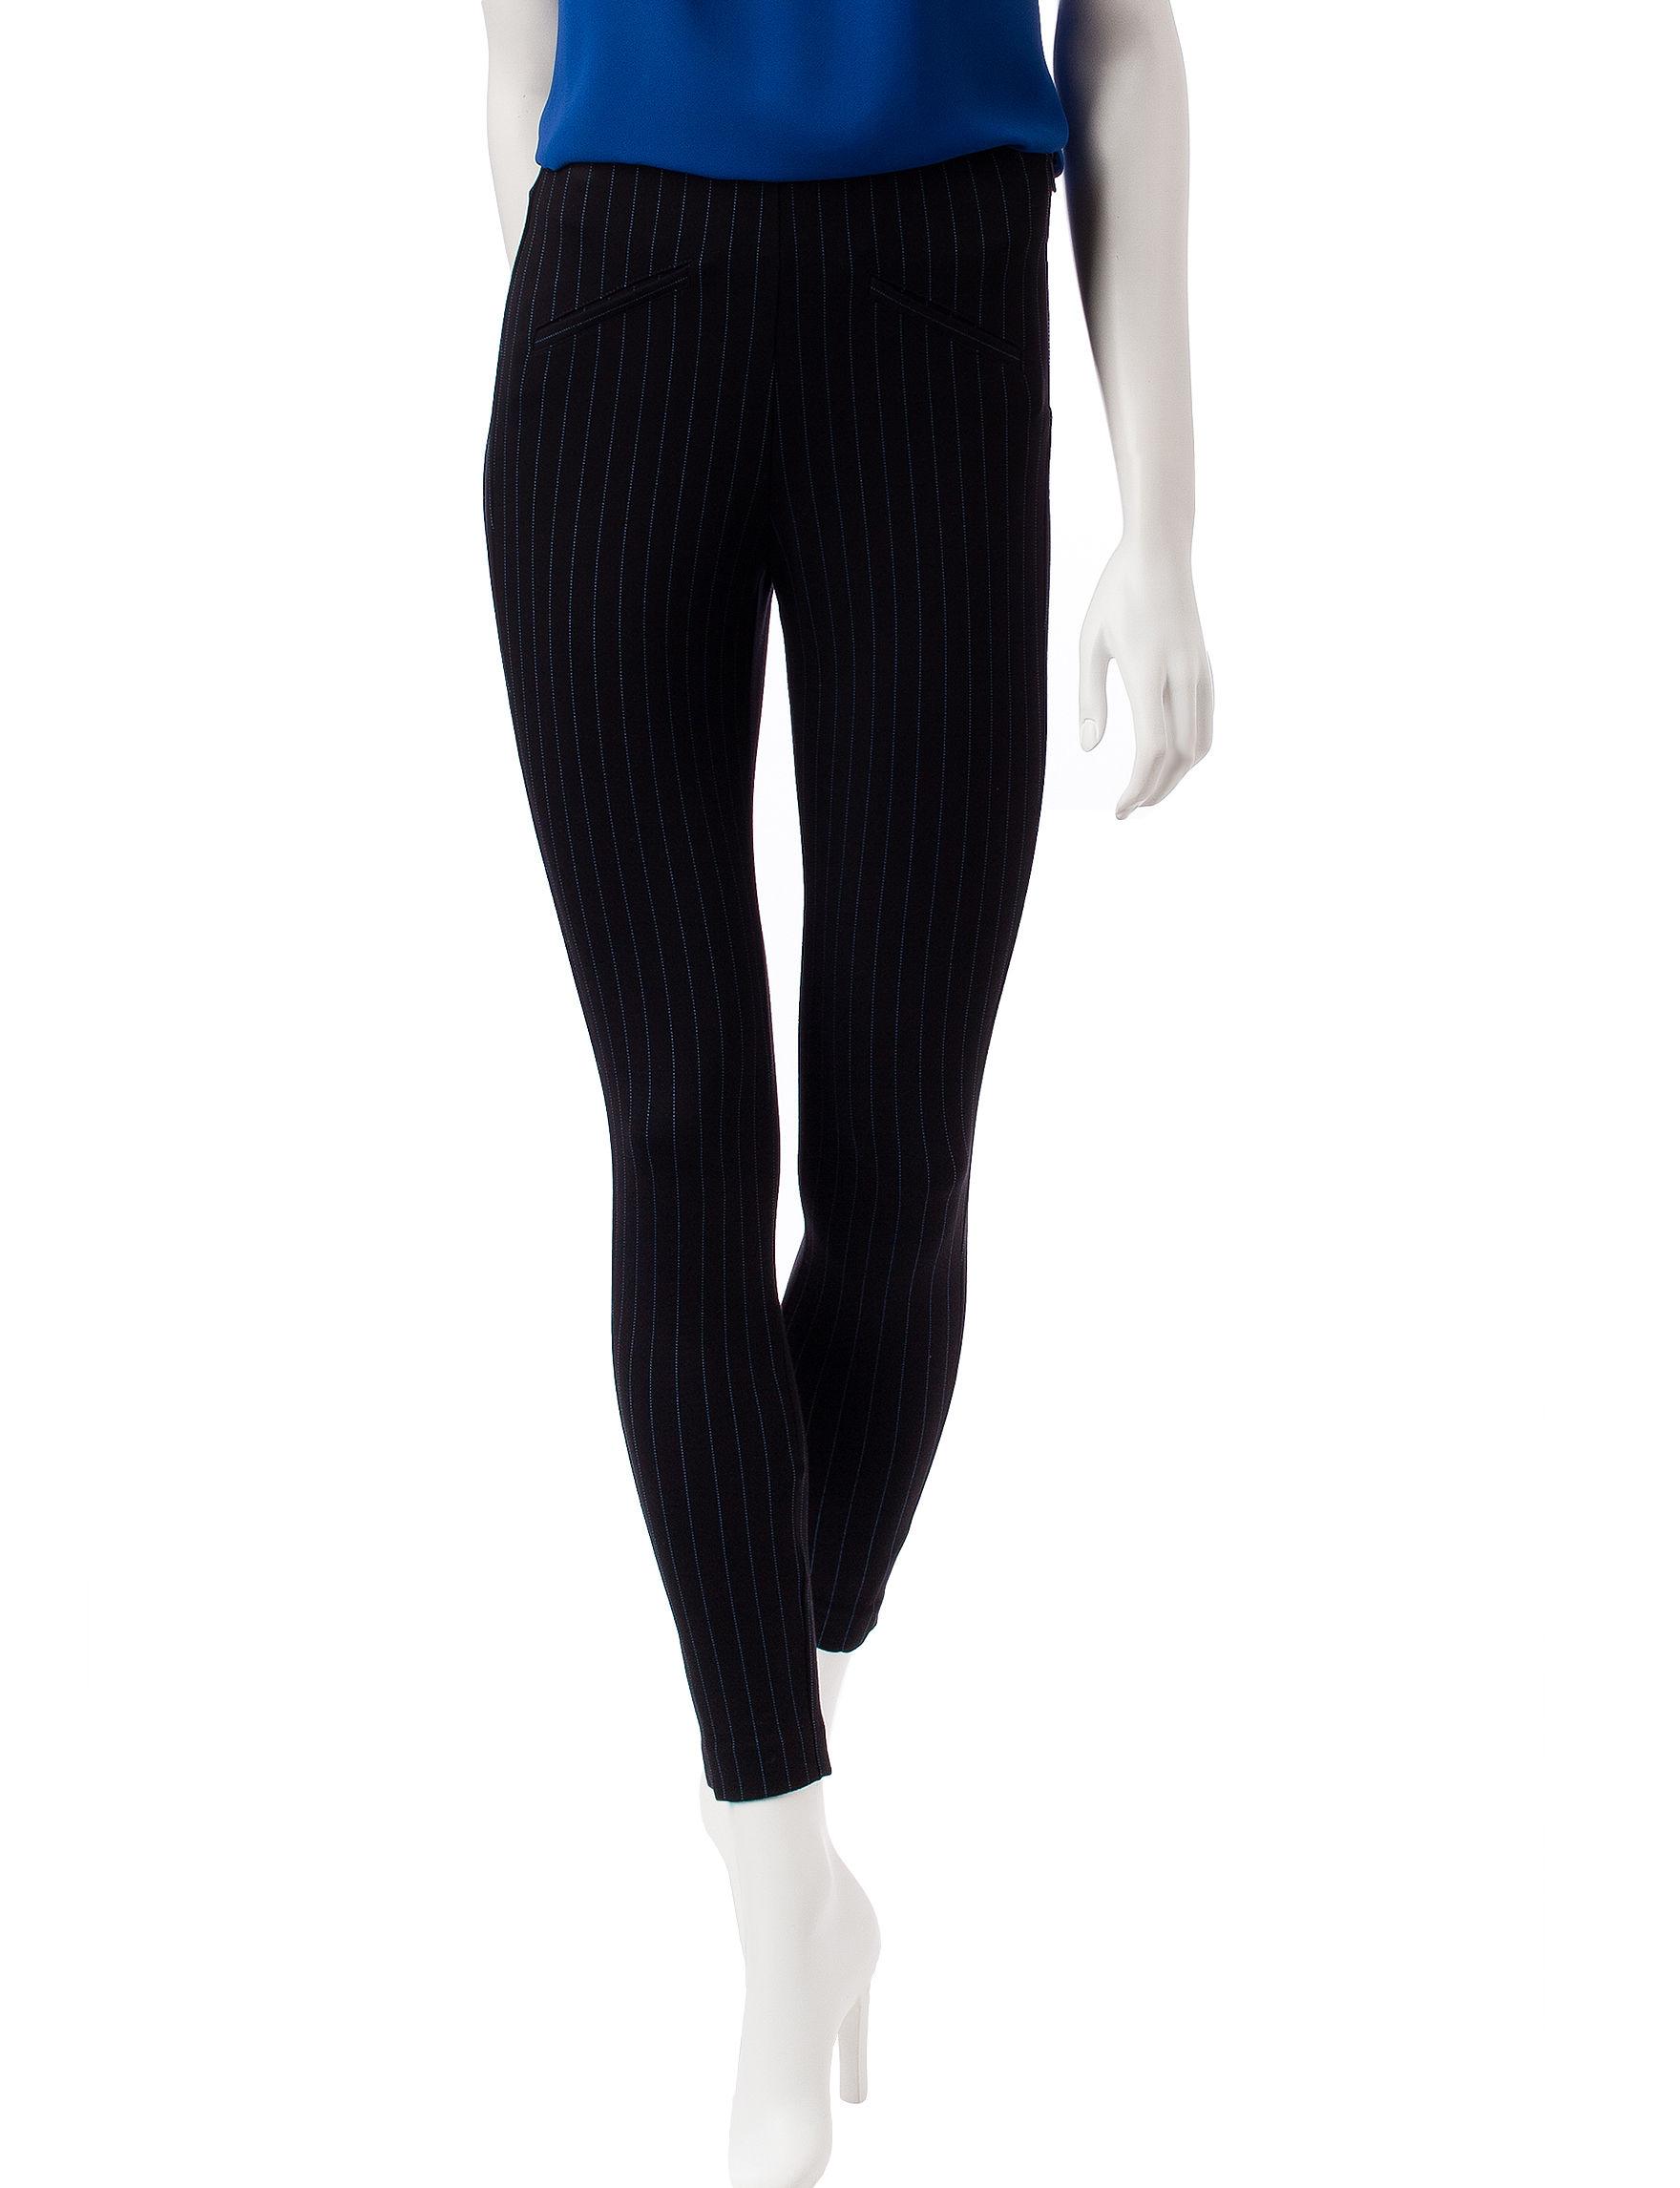 Anne Klein Black Soft Shorts